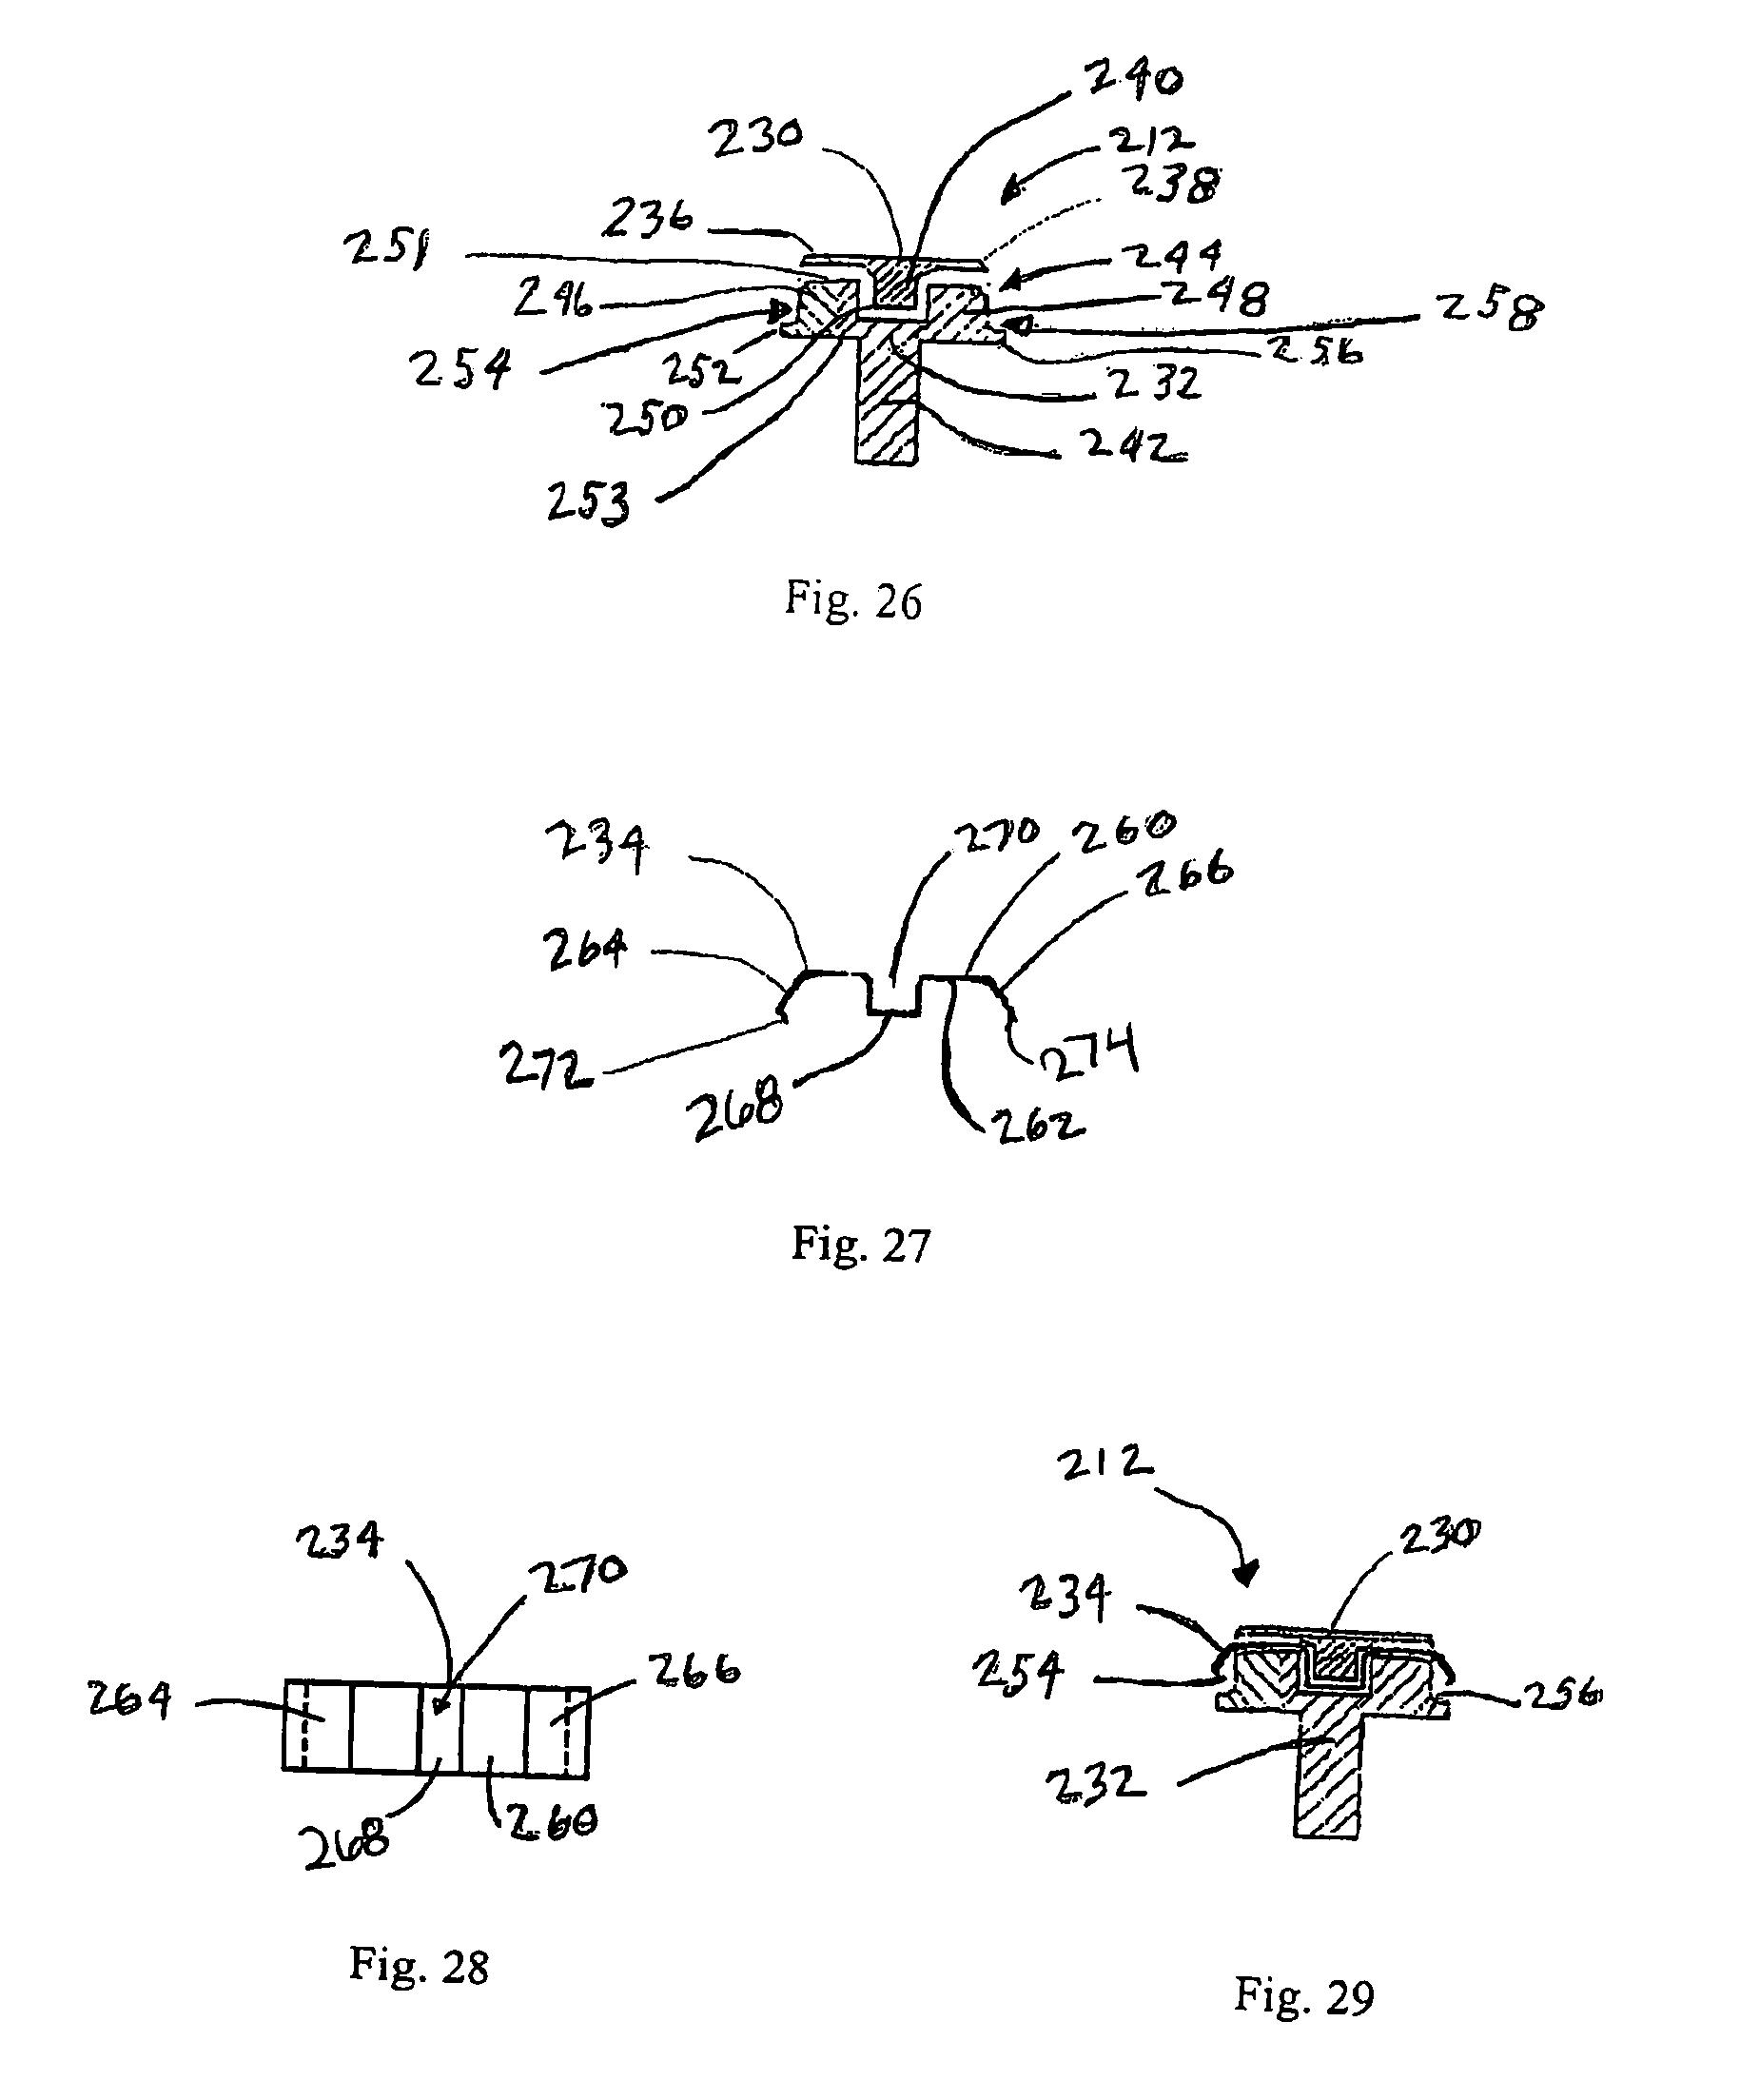 3 phase motor wiring diagram 6 leads impremedia 6 lead 3 phase motor wiring diagram nilza net sciox Choice Image